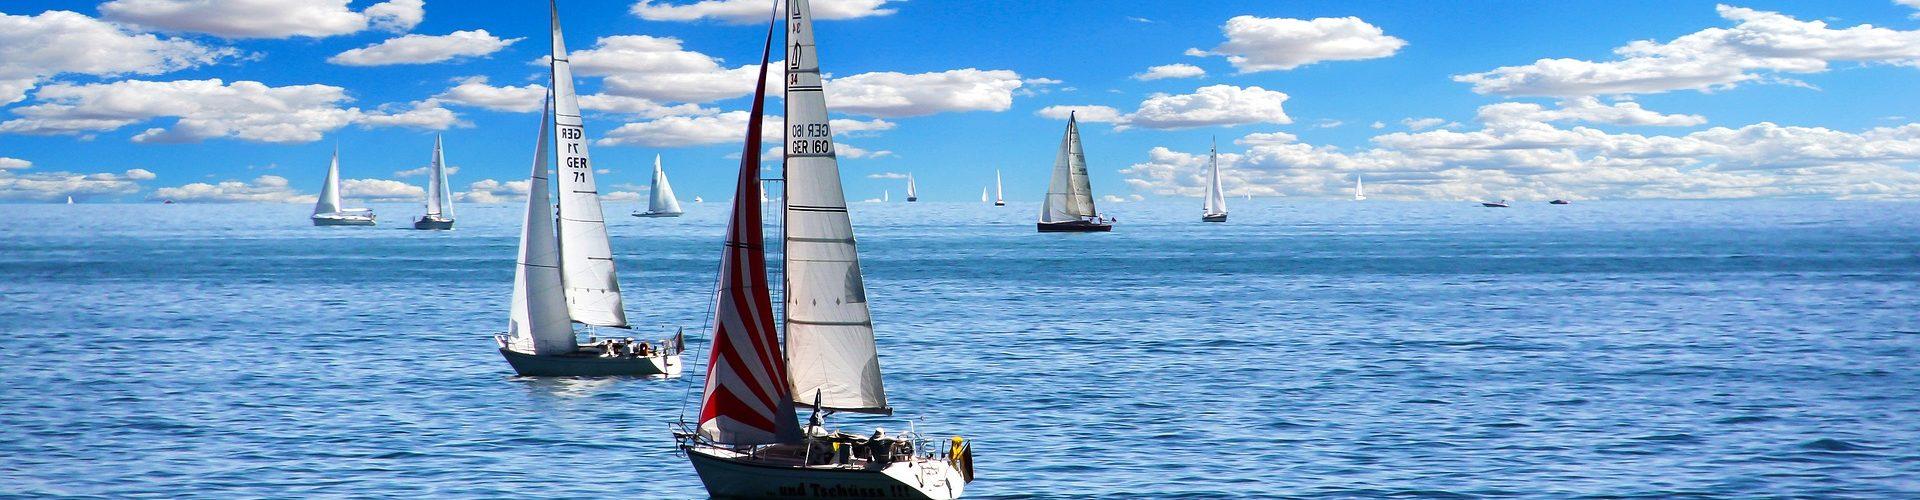 segeln lernen in Marktoberdorf segelschein machen in Marktoberdorf 1920x500 - Segeln lernen in Marktoberdorf